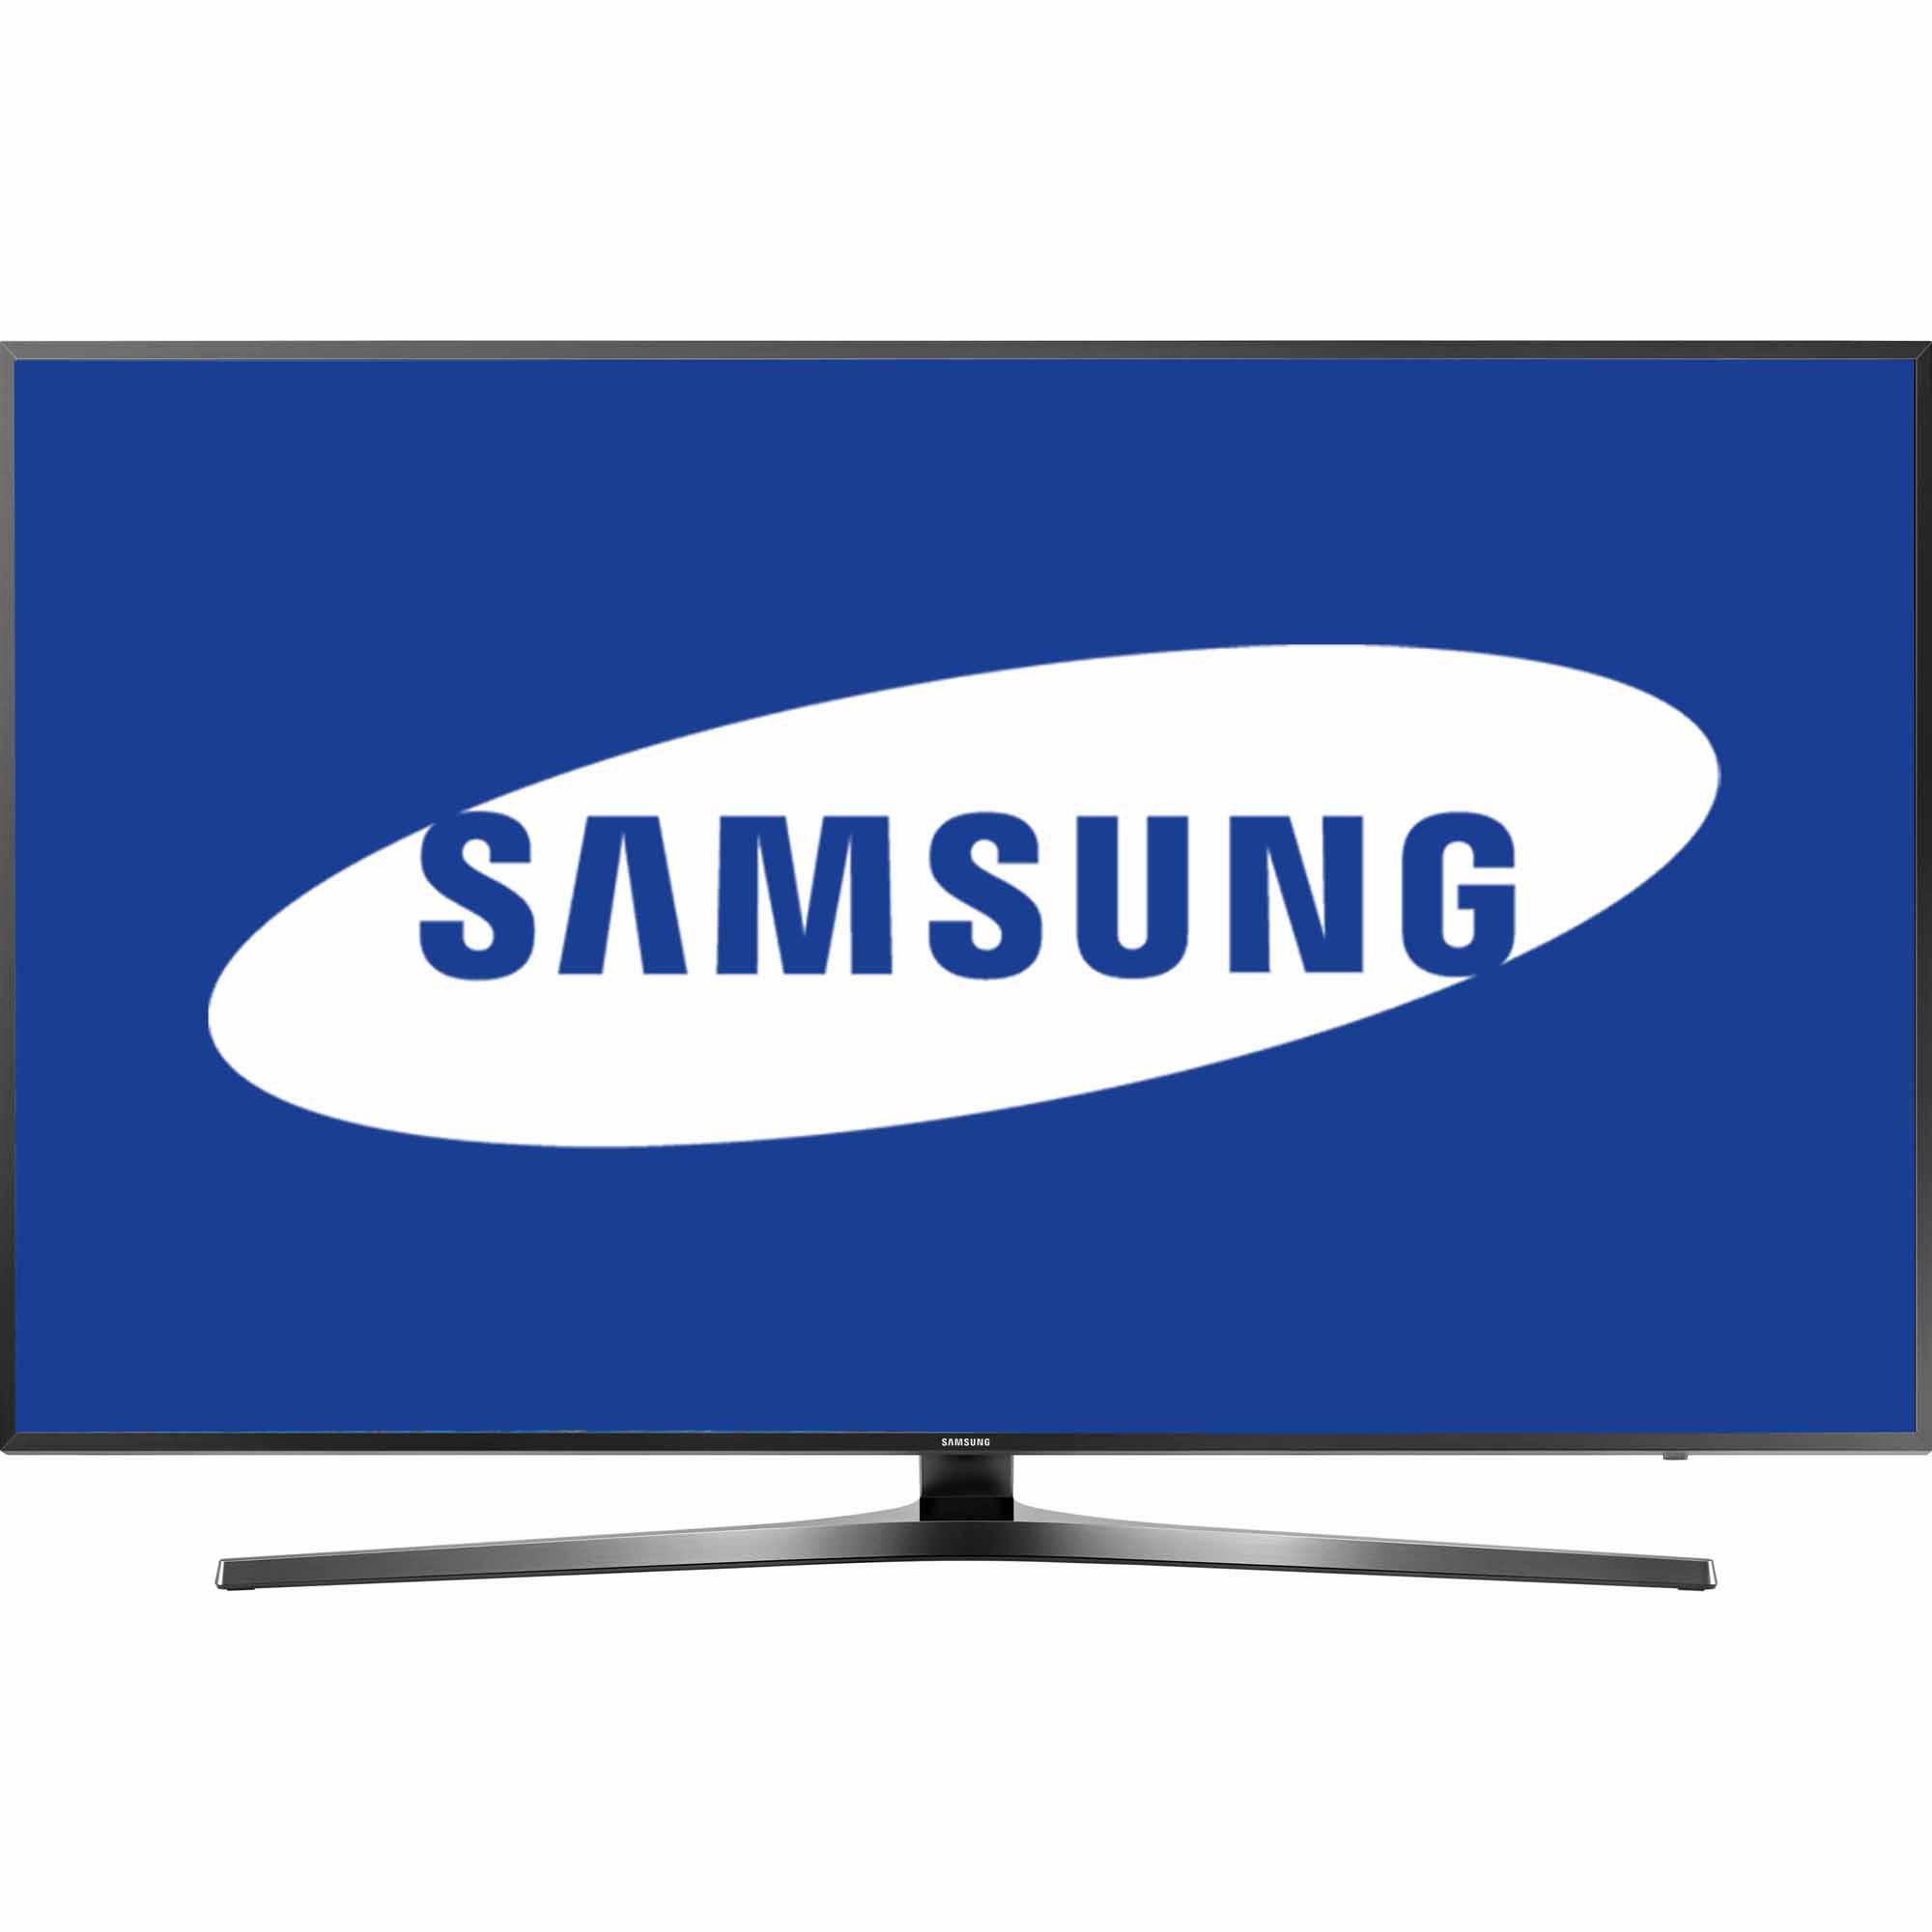 Samsung 55 Class 4K Smart Ultra Hdtv - UN55KU7000